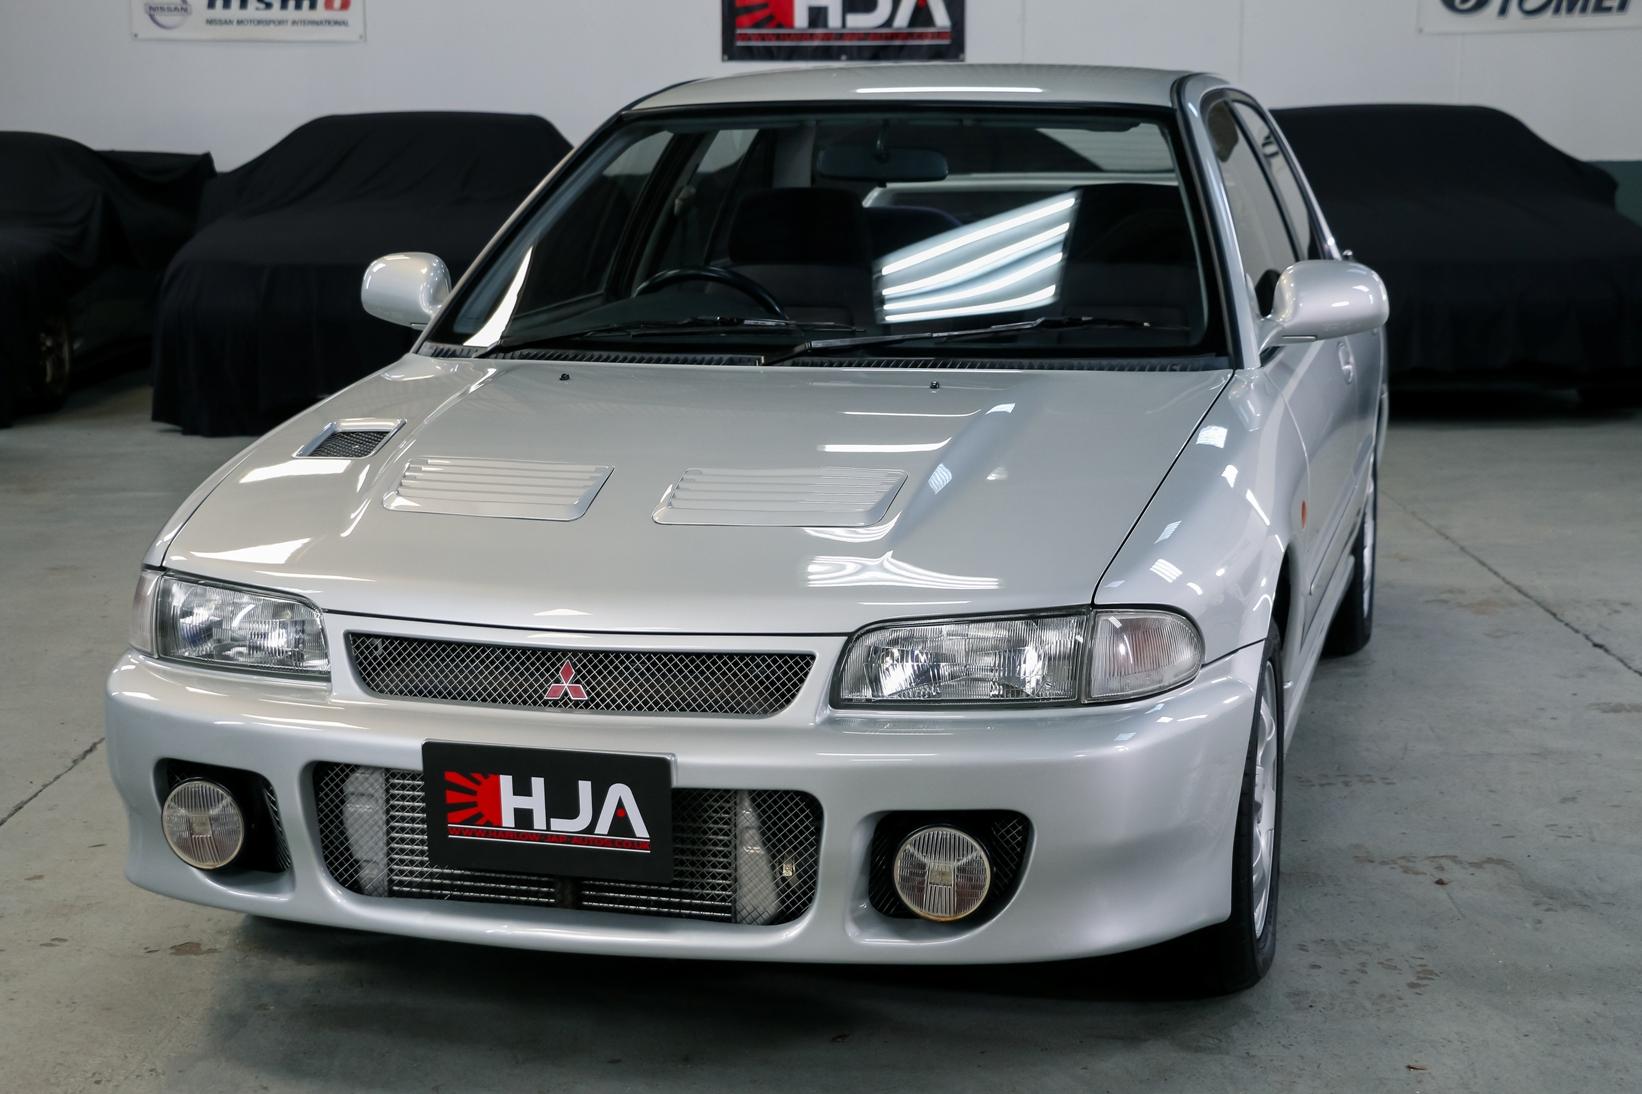 HJAC3651.001